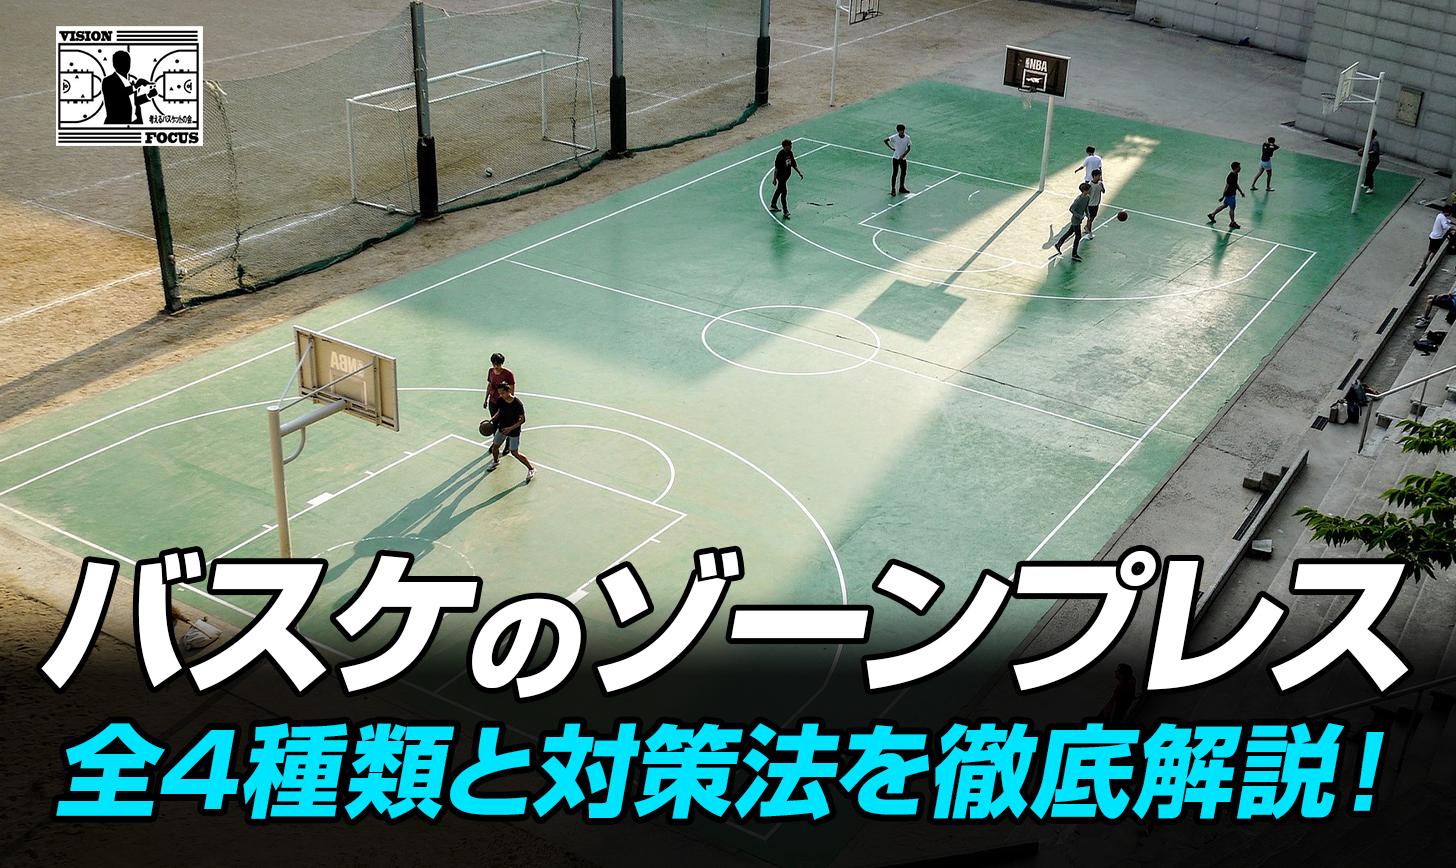 【決定版】バスケのゾーンプレスの全4種類と5つの対策法を徹底解説!